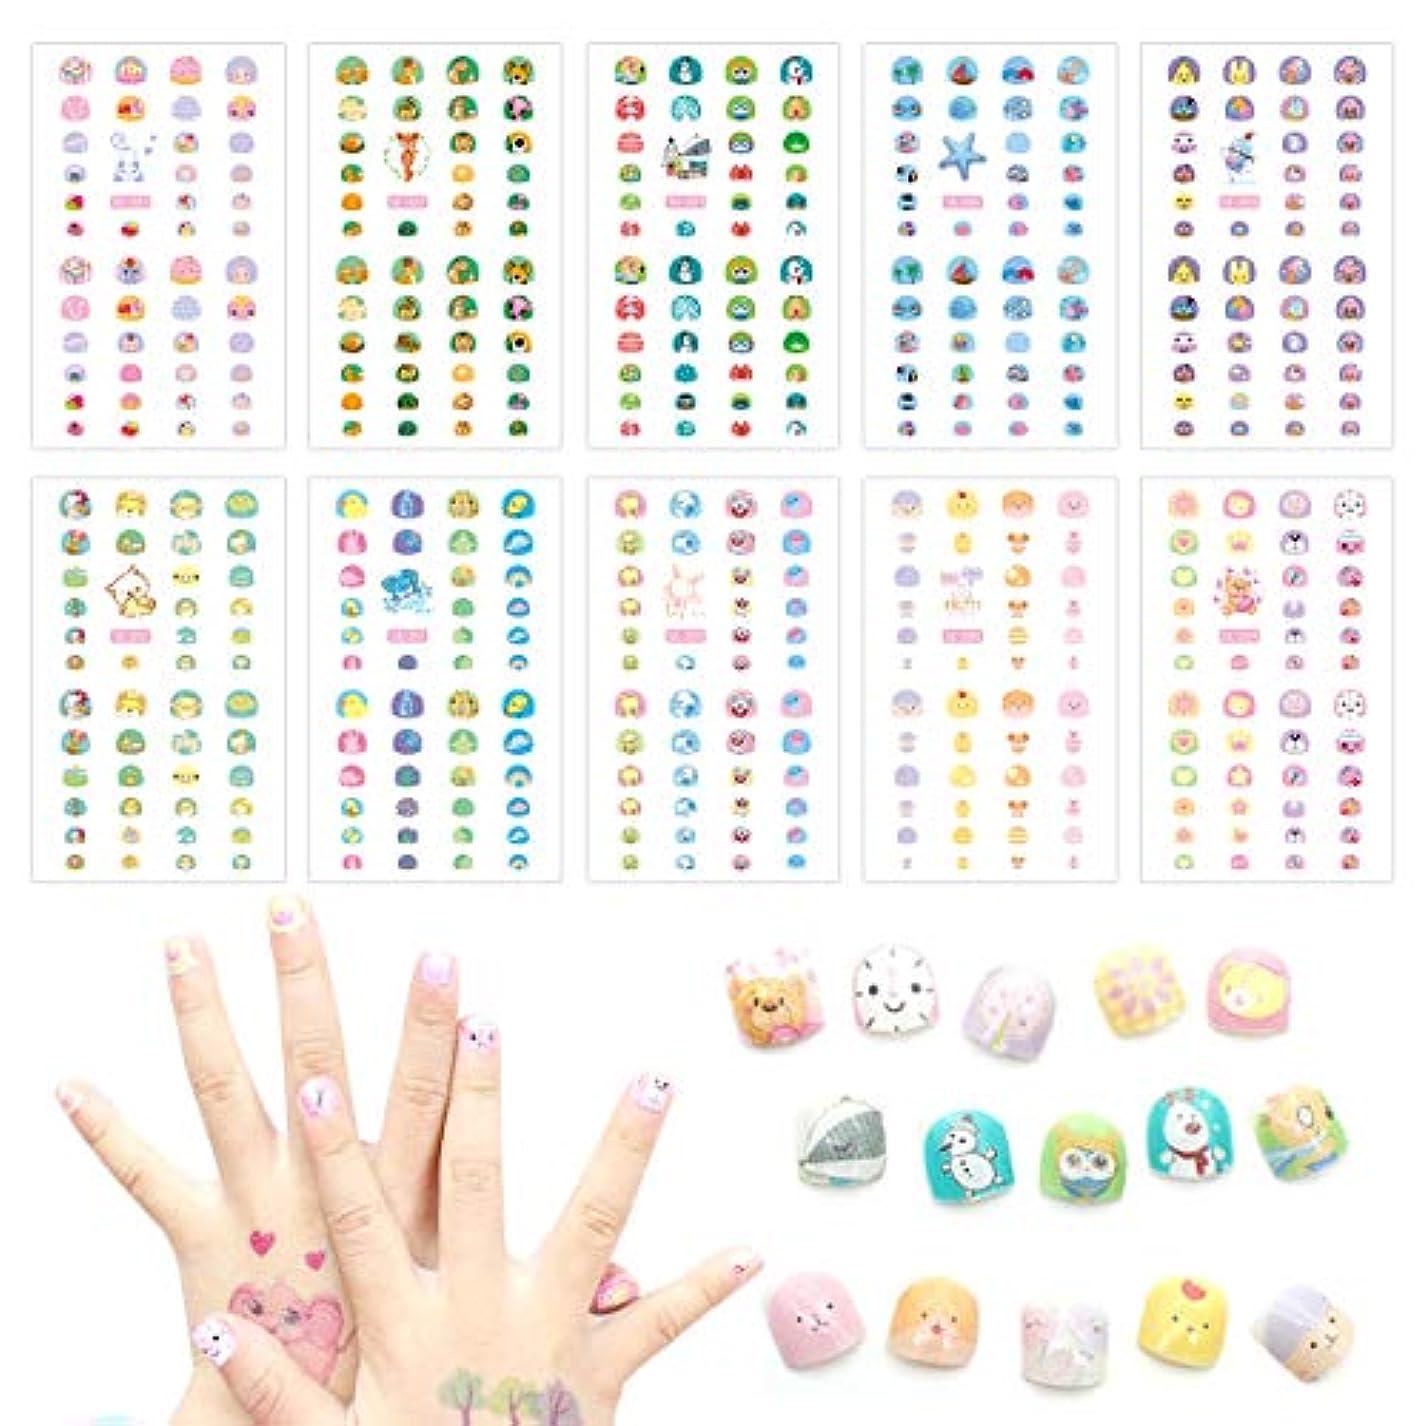 バッグ考古学詩HANGNUO ネイルシール デザイン かわいい キャラクター 選べる200種類 極薄 シンプル (子供用)